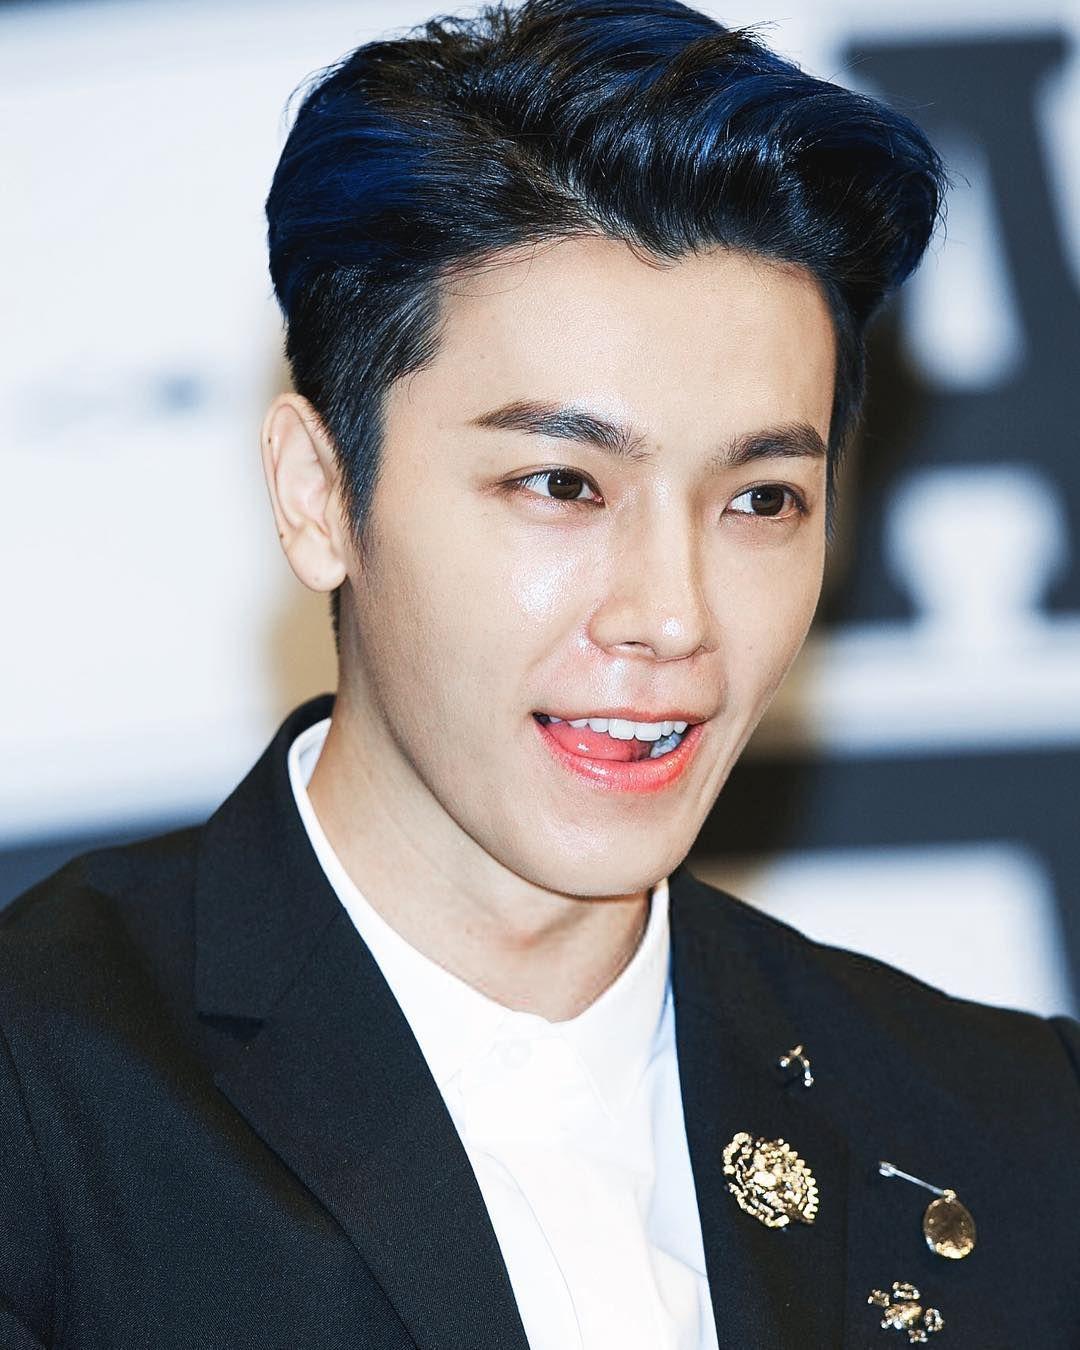 Eyeliner Blue Hair Look Is Da Best Miss This Look So Much Leedonghae Leedonghae Donghae Babyhae Super Junior Donghae Lee Donghae Super Junior